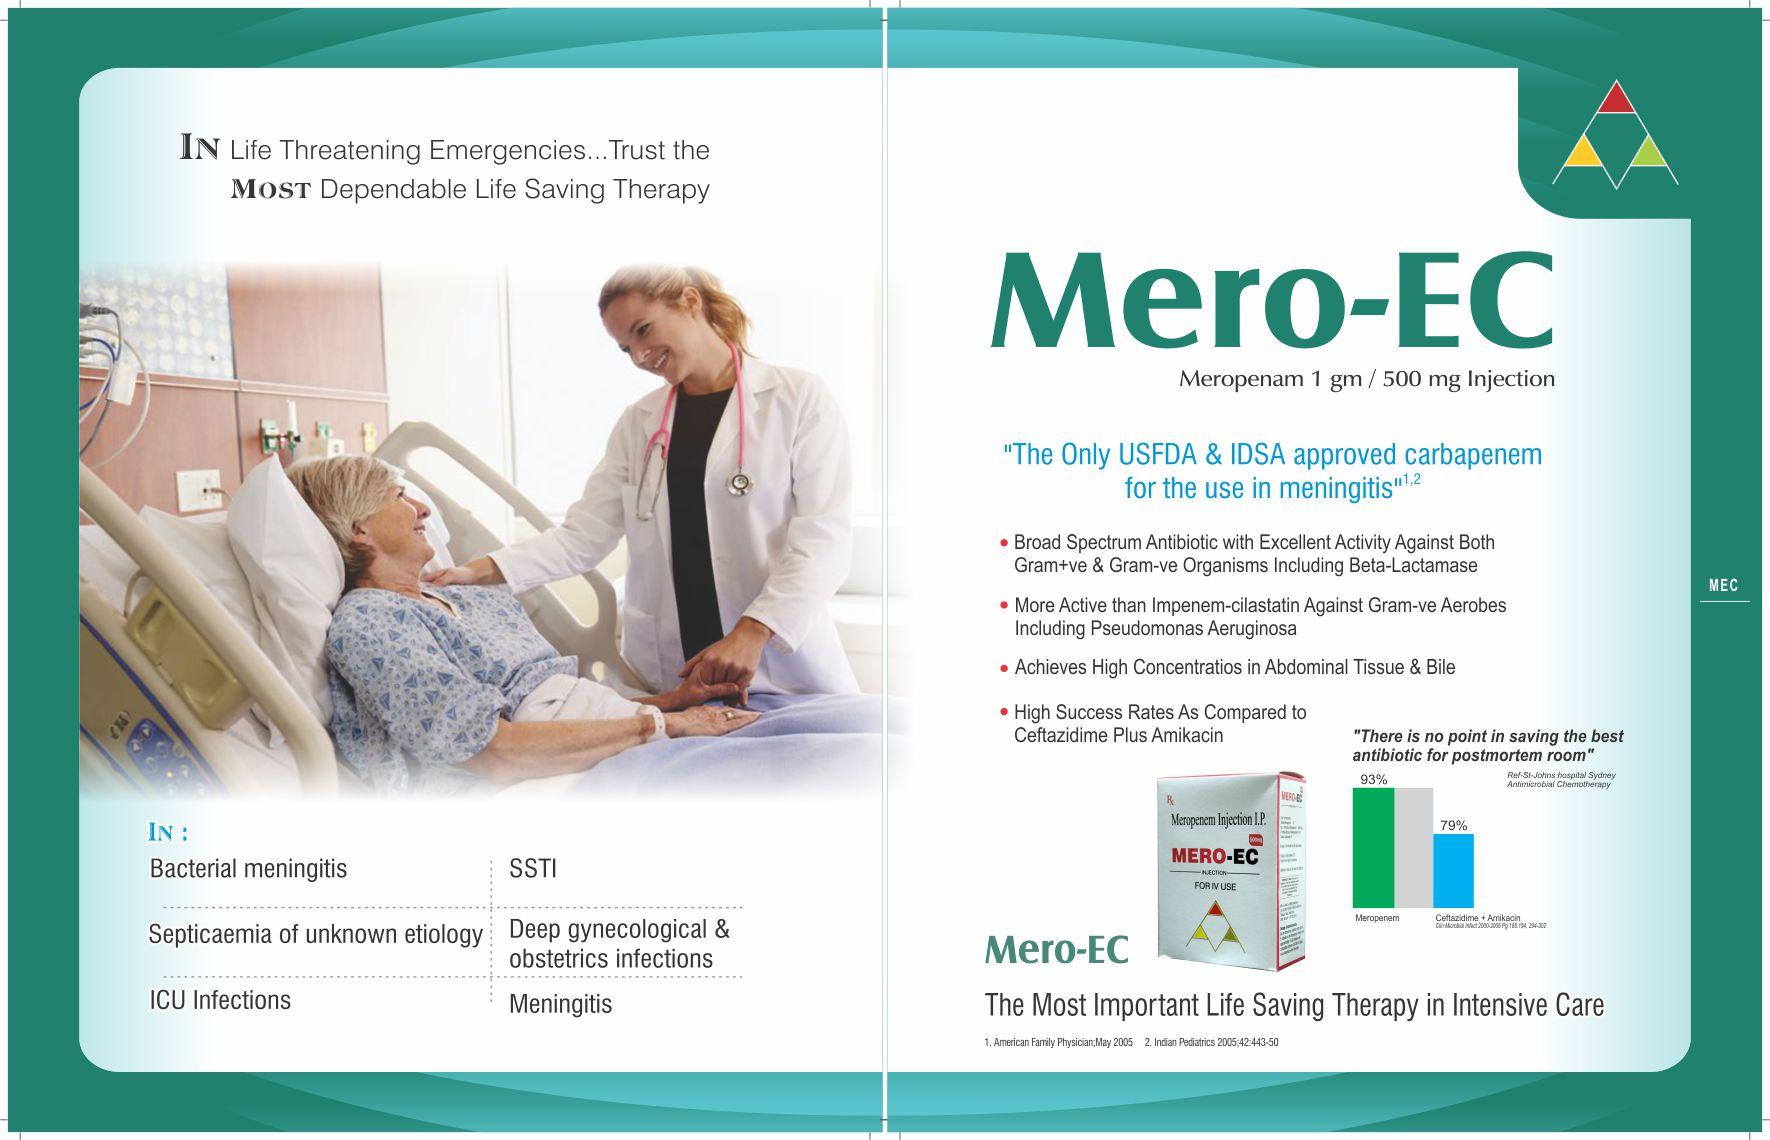 Mero-EC